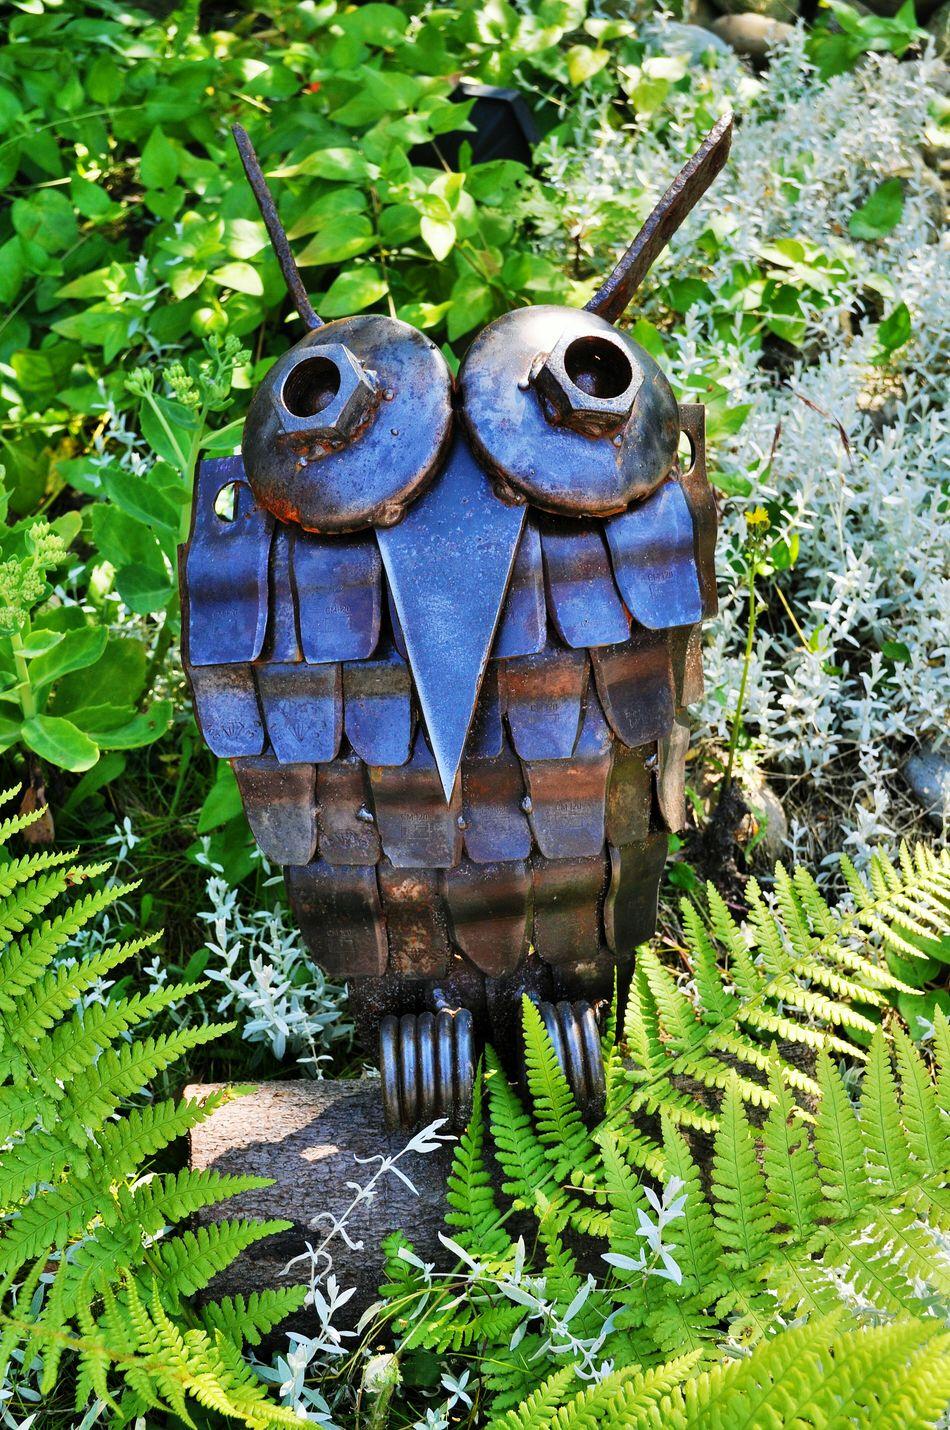 Schrottkunst- scrap art Scrap Metal Scrapmetal Scrap Art Recycling Materials Recycling Do It Myself ArtWork Art Welding Welding Work Weldingart Owl Metal From Old To New The Mix Up